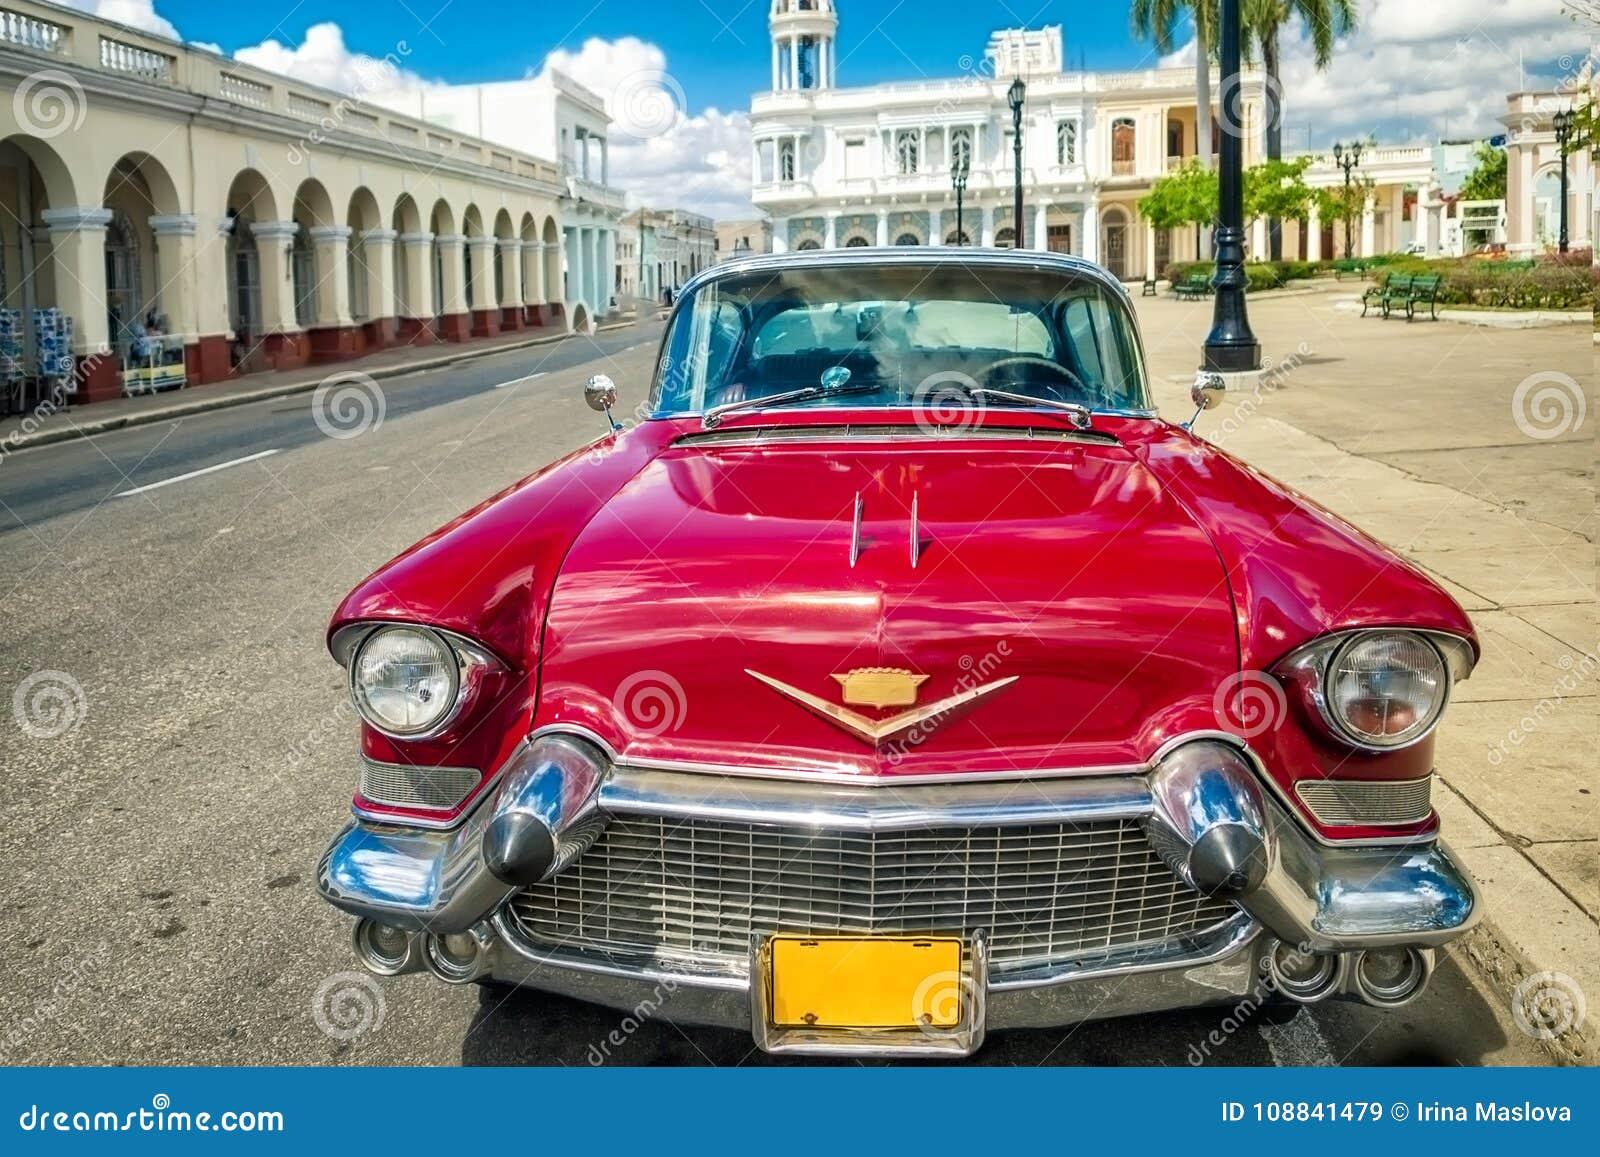 Cienfuegos, KUBA - 22 MARZEC 2012: Czerwony Stary retro samochód na autentycznych ulicach Kuba Cienfuegos